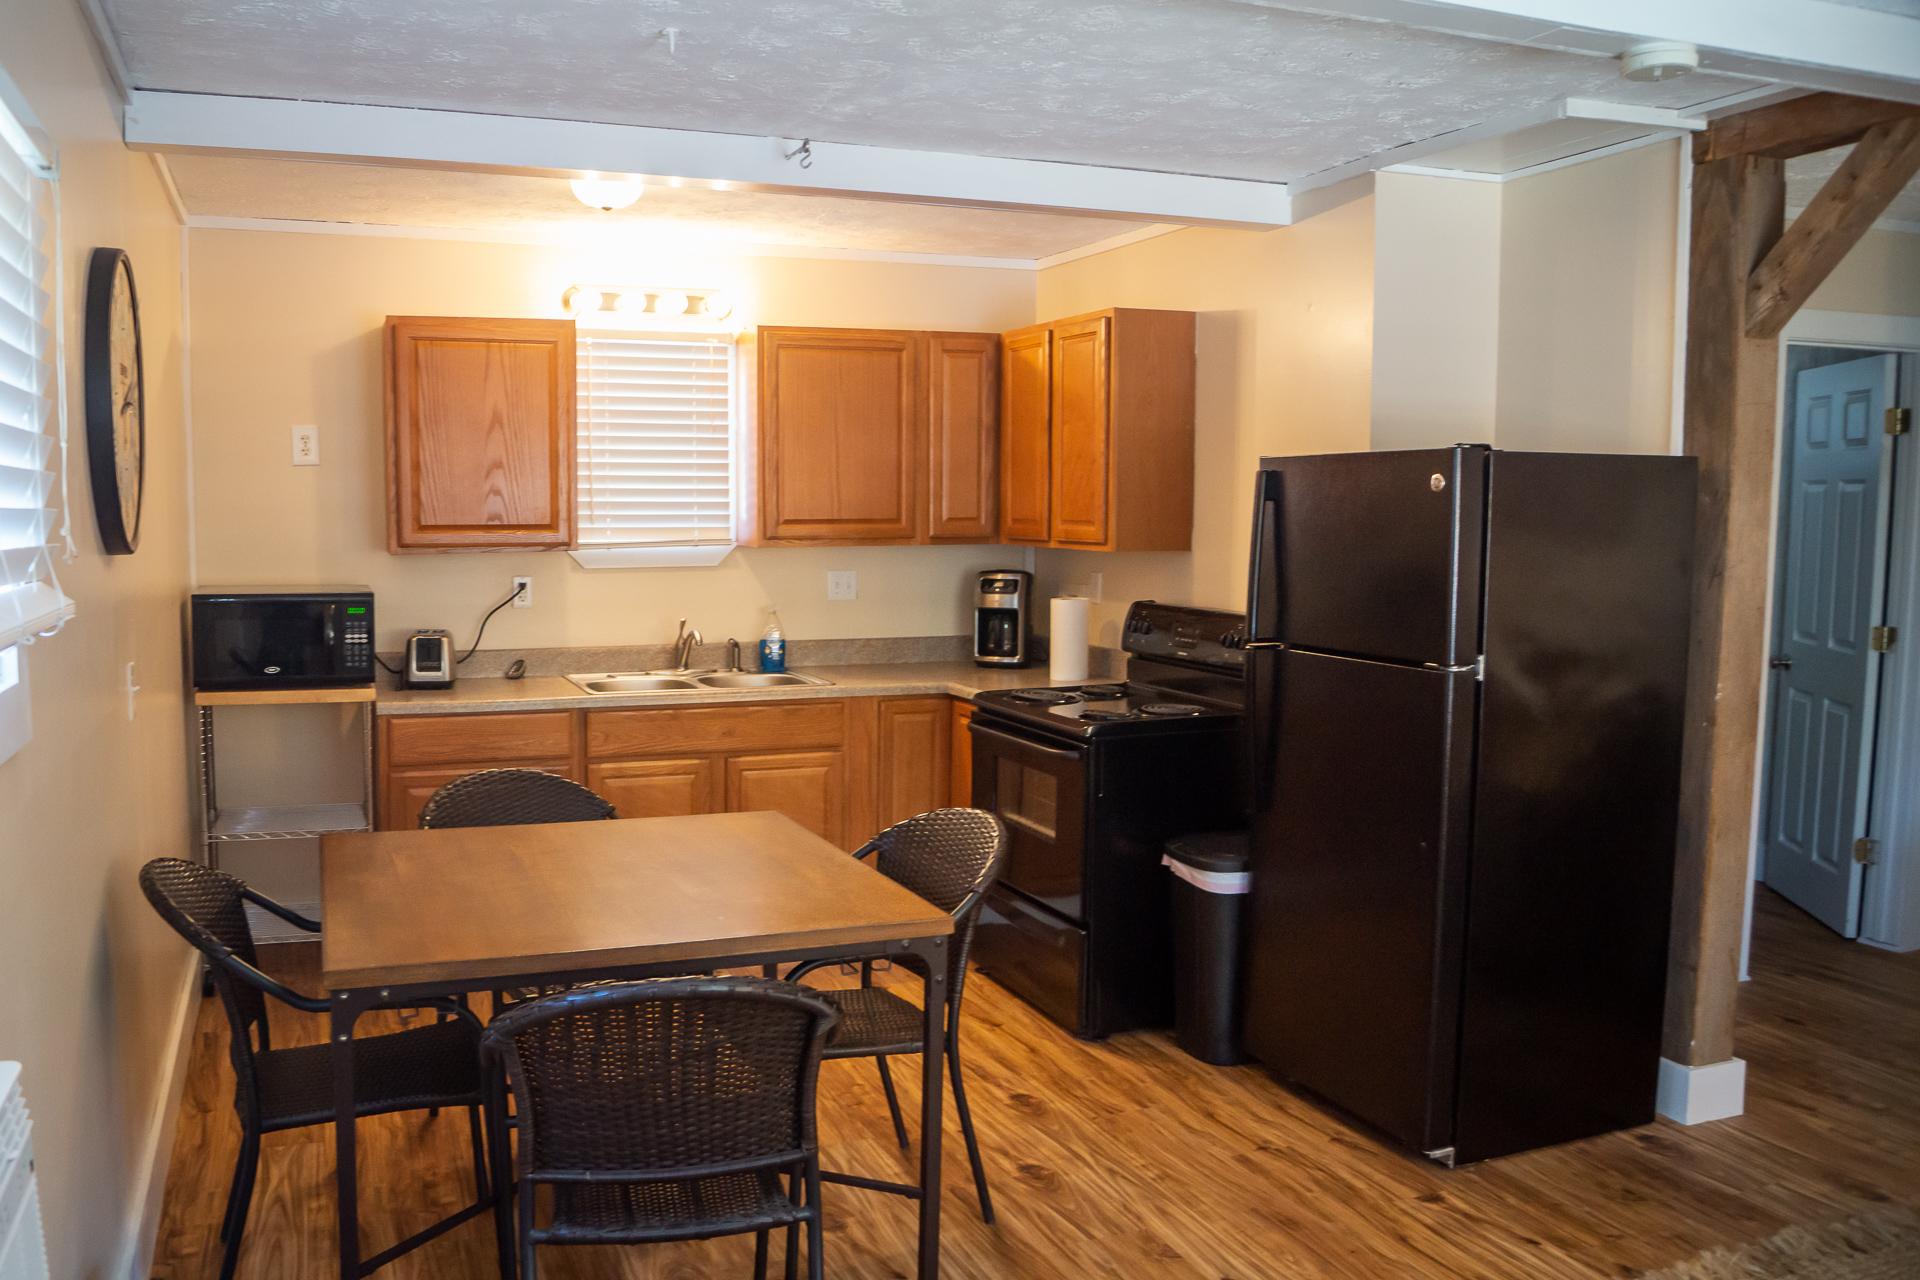 Cavin 3 Kitchen